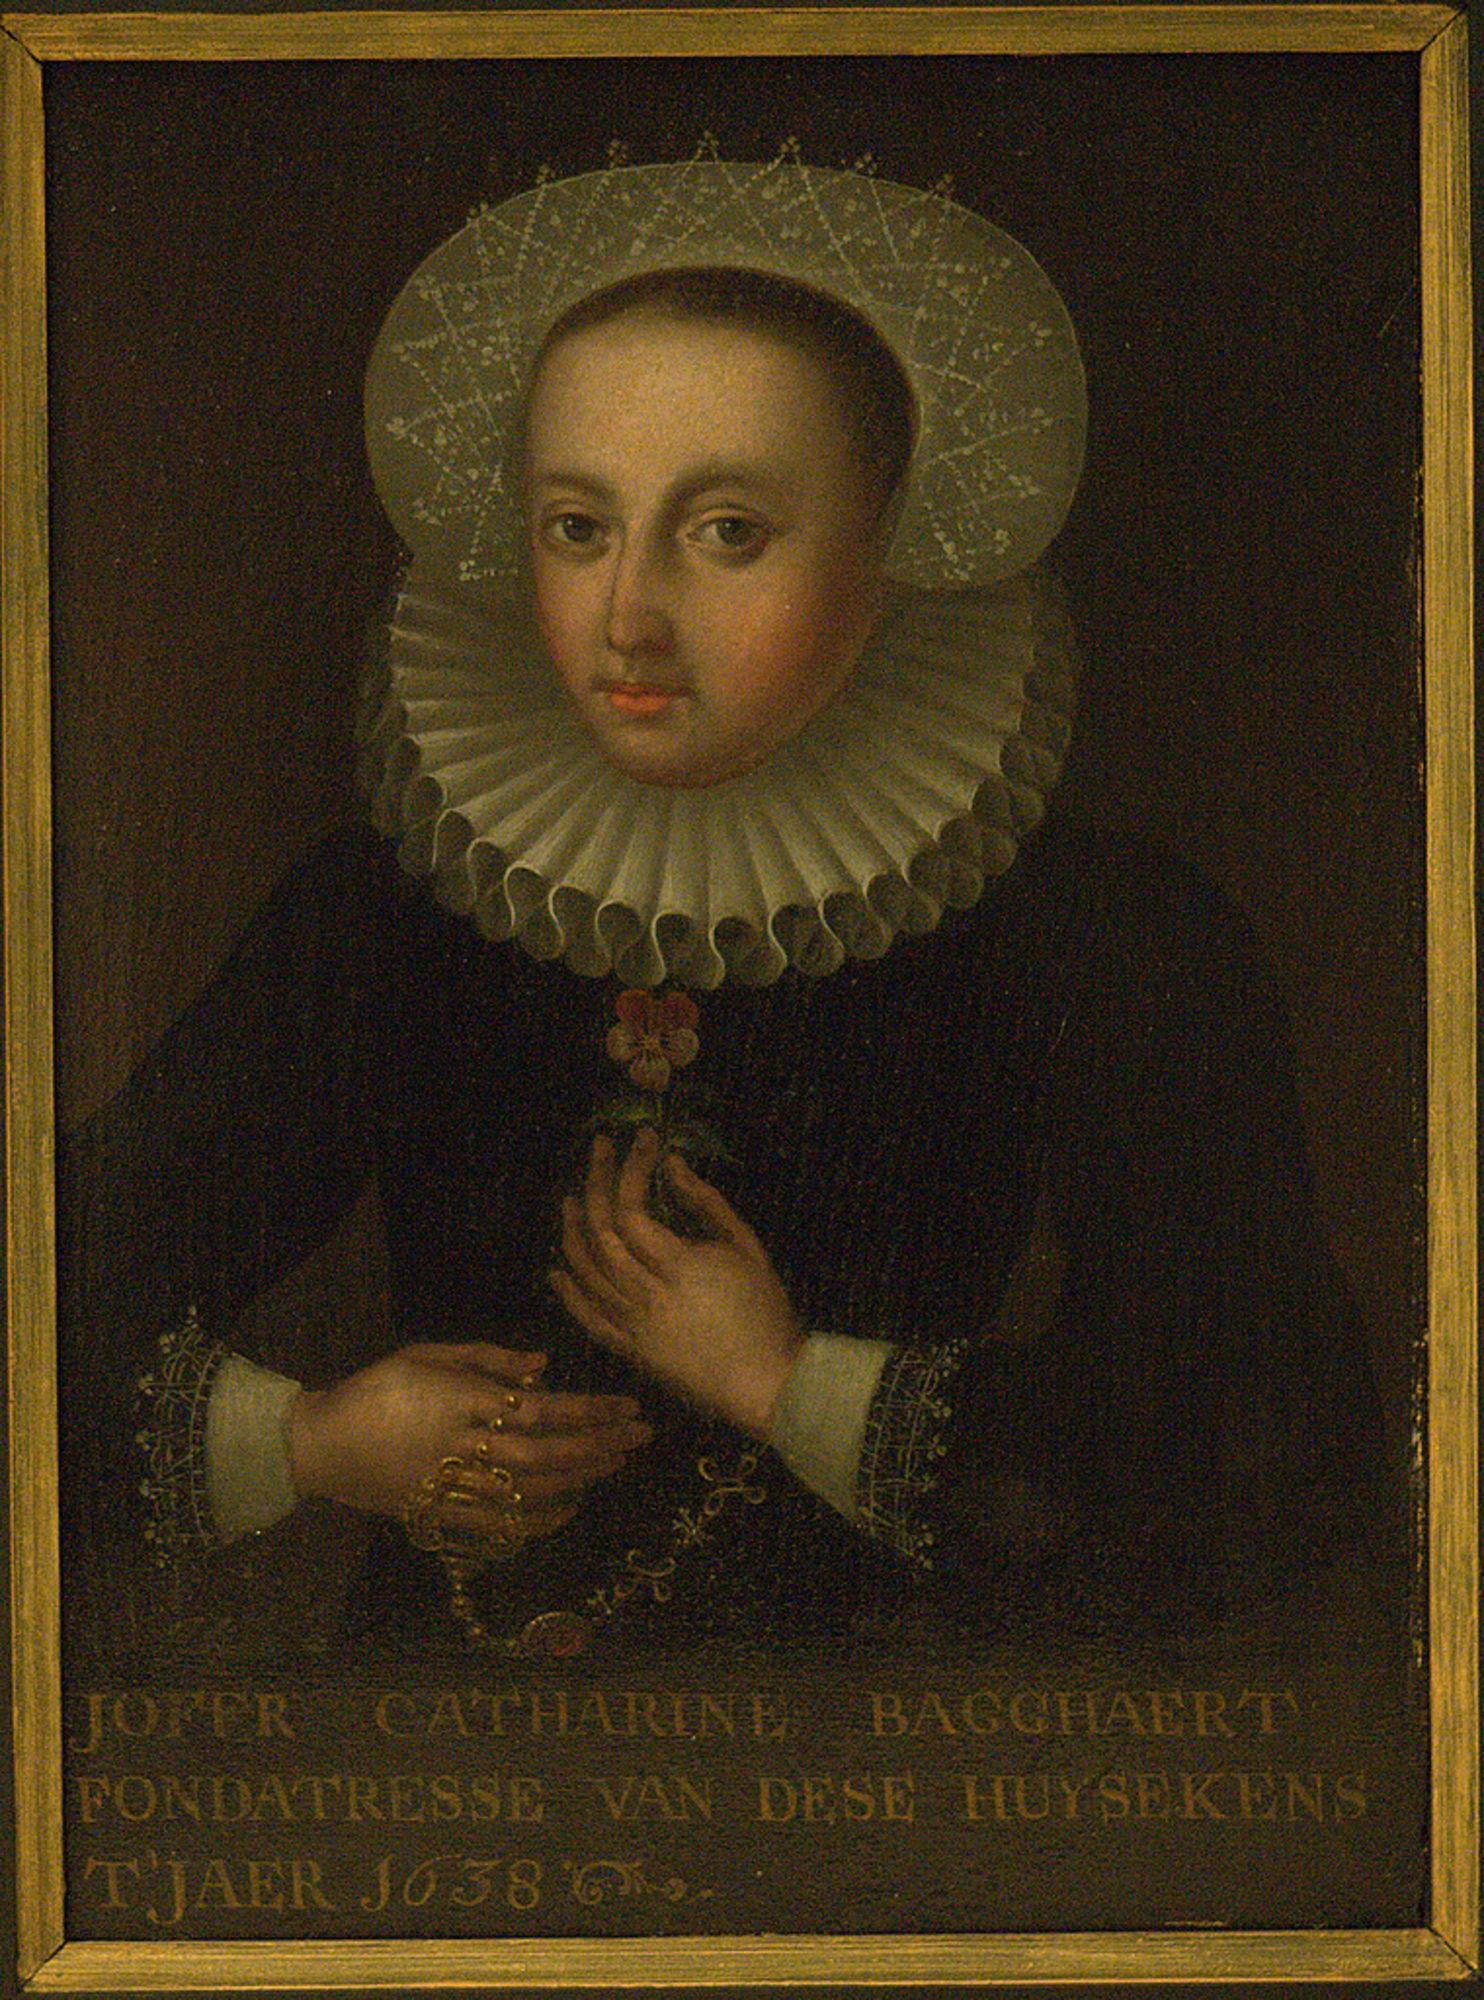 Catharina Bagghaert